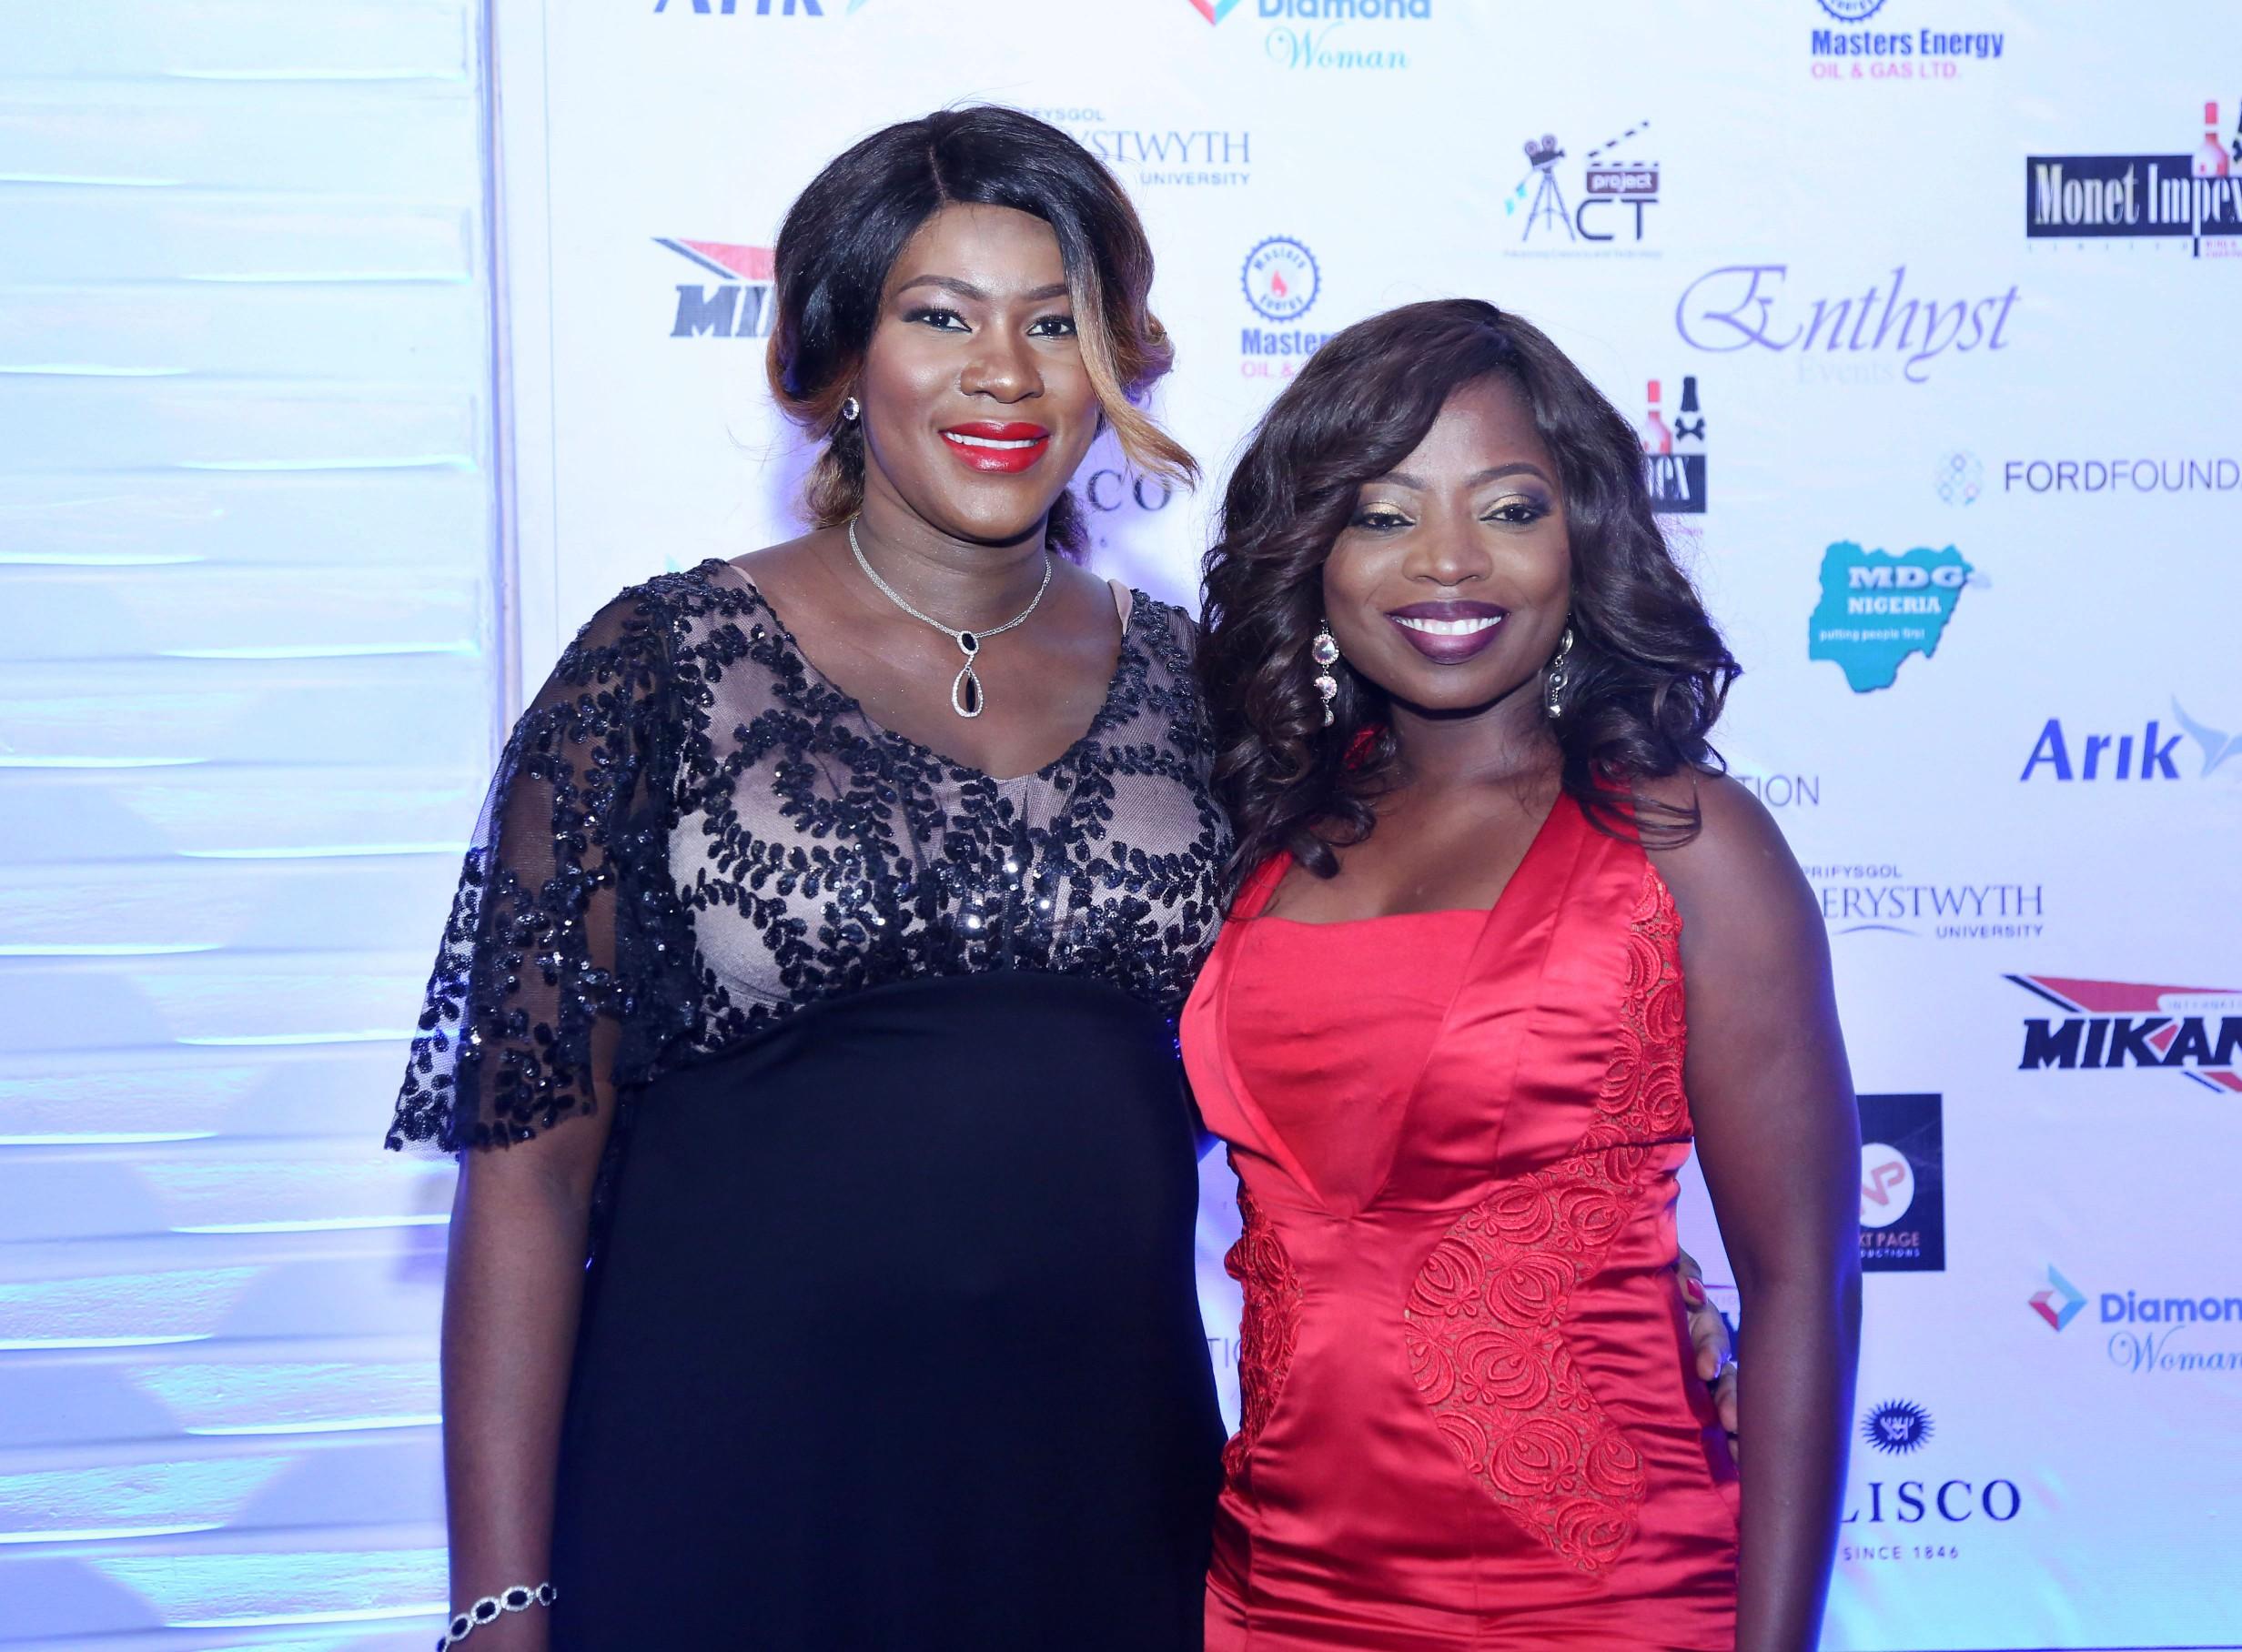 Laoye Oyatogun & I